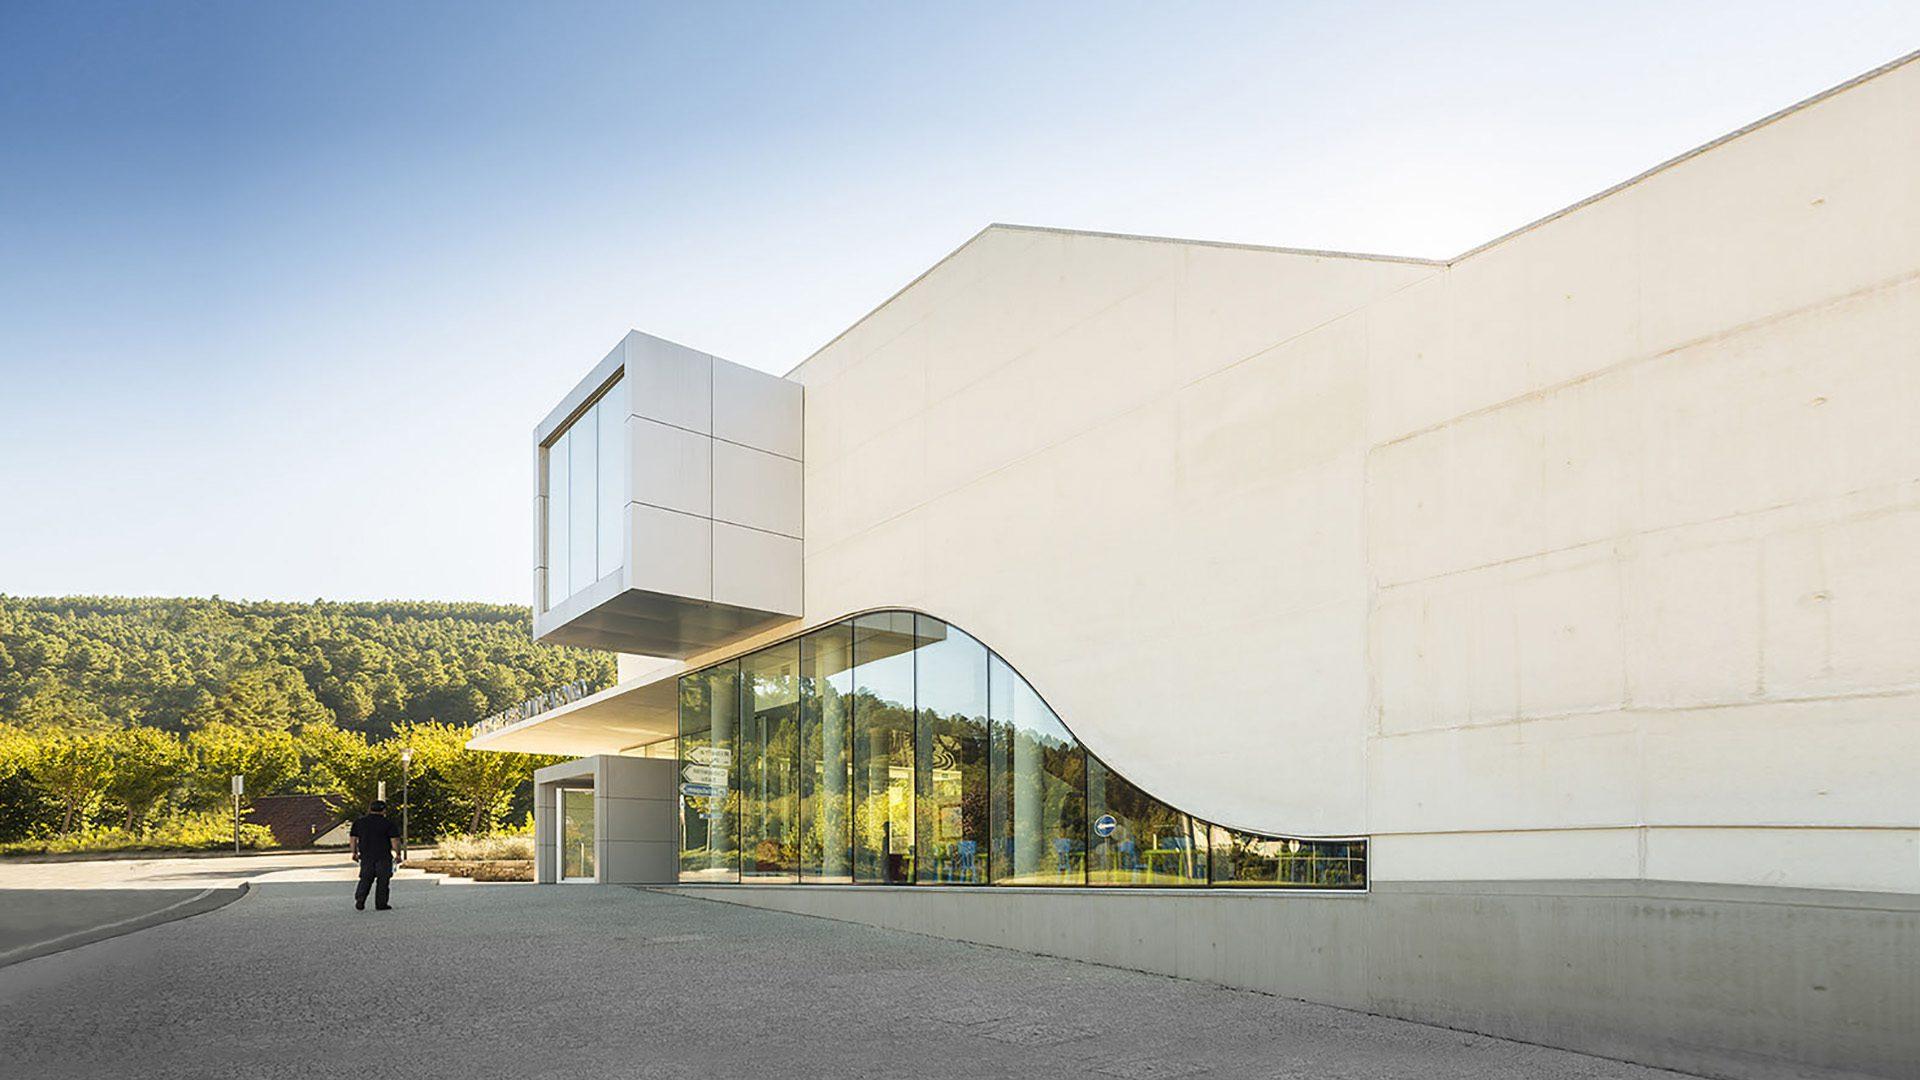 Centro De Artes Nadir Afonso Museum in Boticas, Portugal